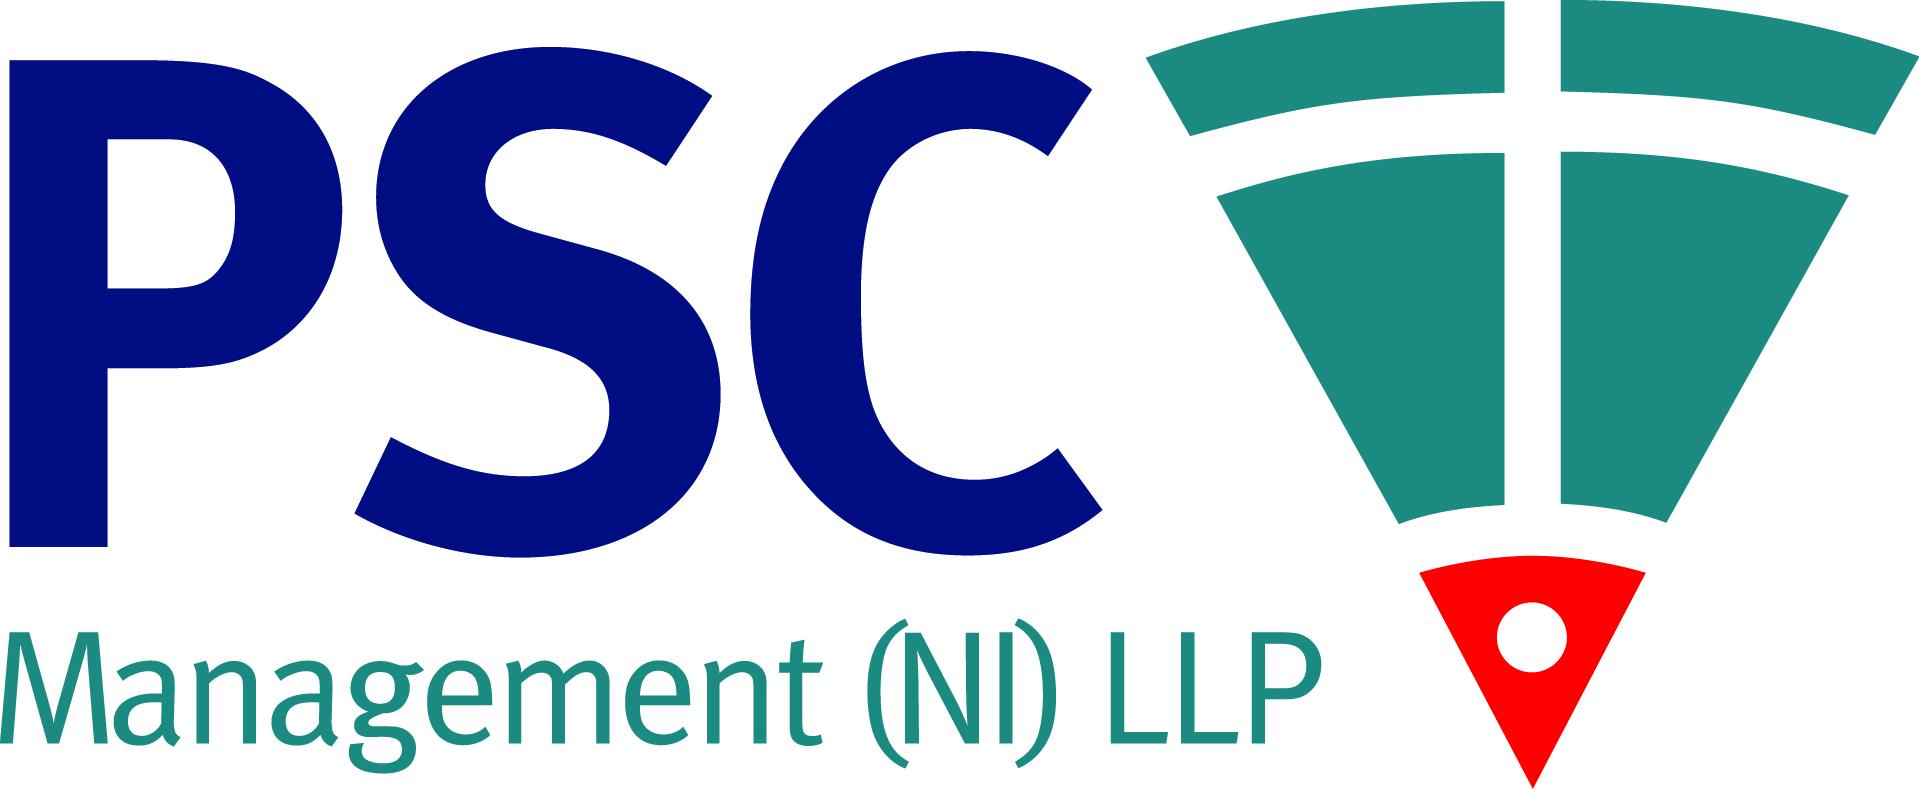 PSC Management